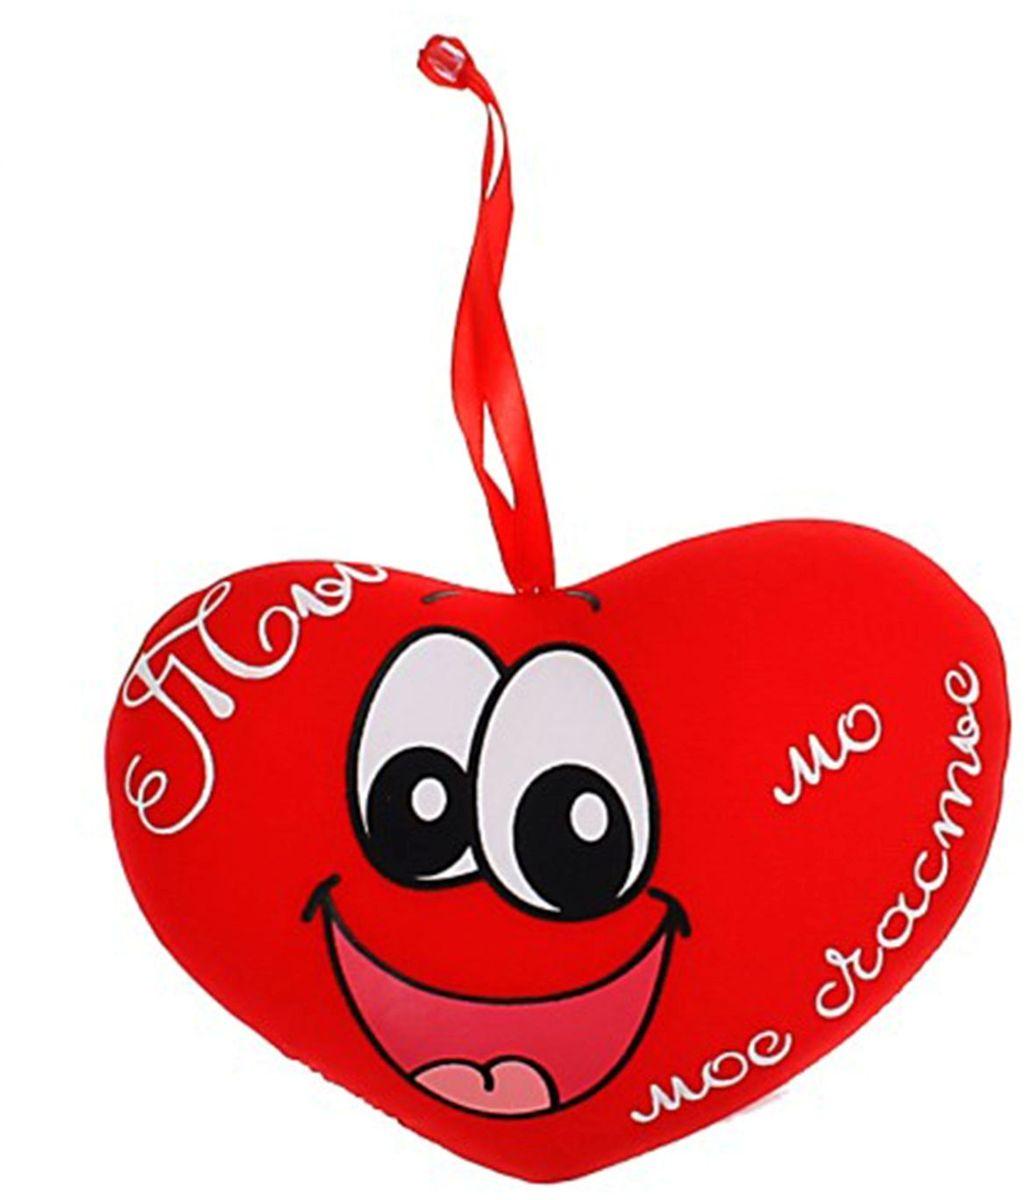 Sima-land Мягкая игрушка-антистресс Сердечко Ты мое счастье 319978 sima land мягкая игрушка антистресс сердечко ты мое счастье 319978